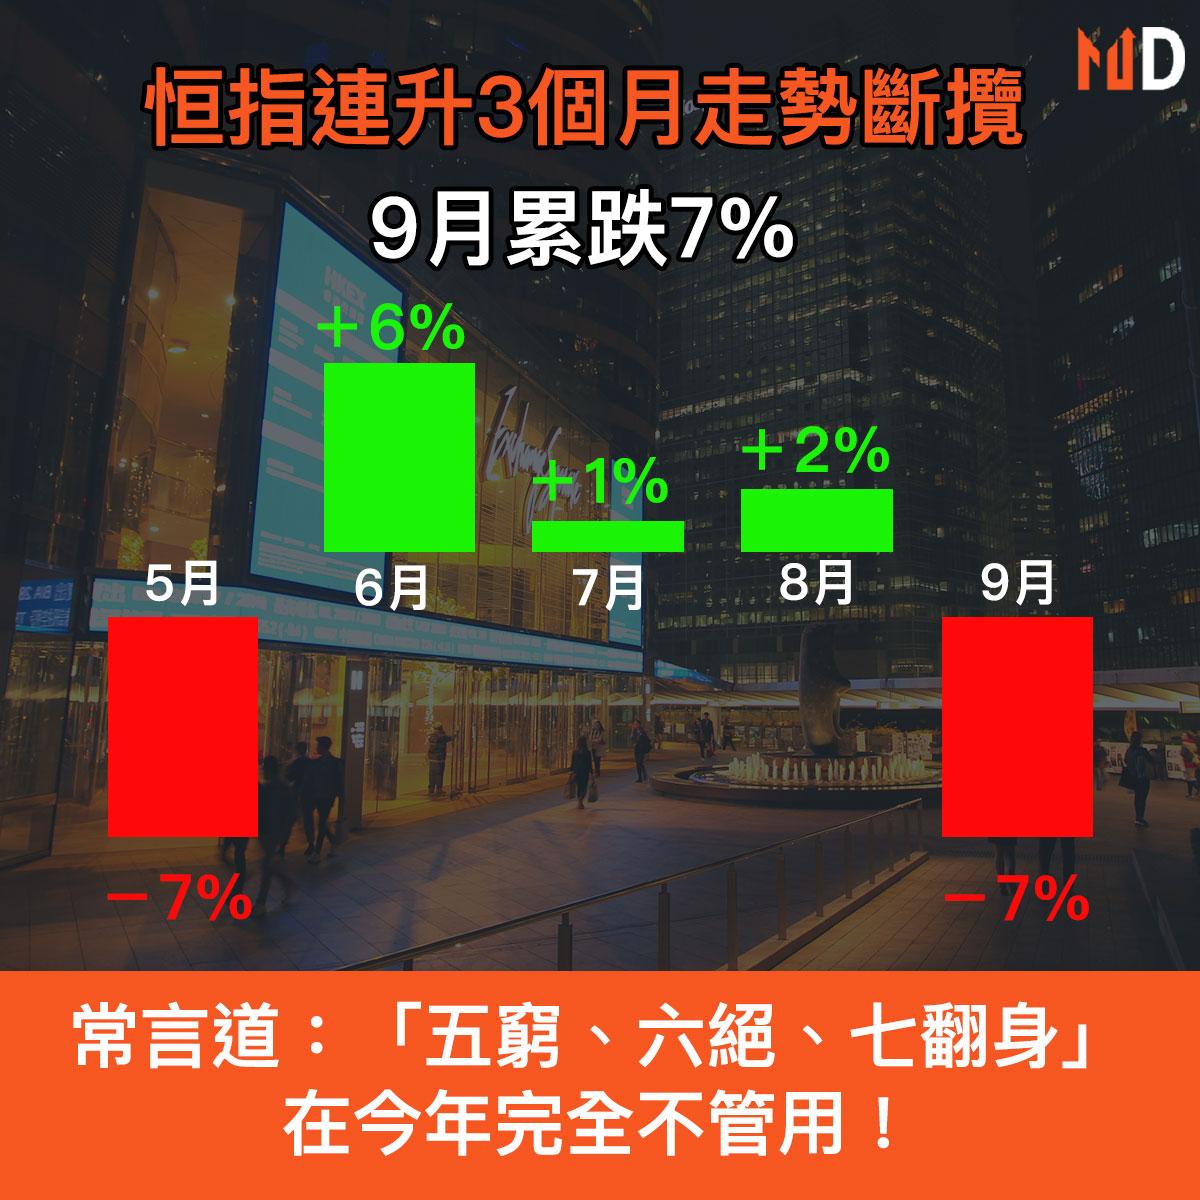 【恒指走勢】恒指連升3個月走勢斷攬,9月累跌7%